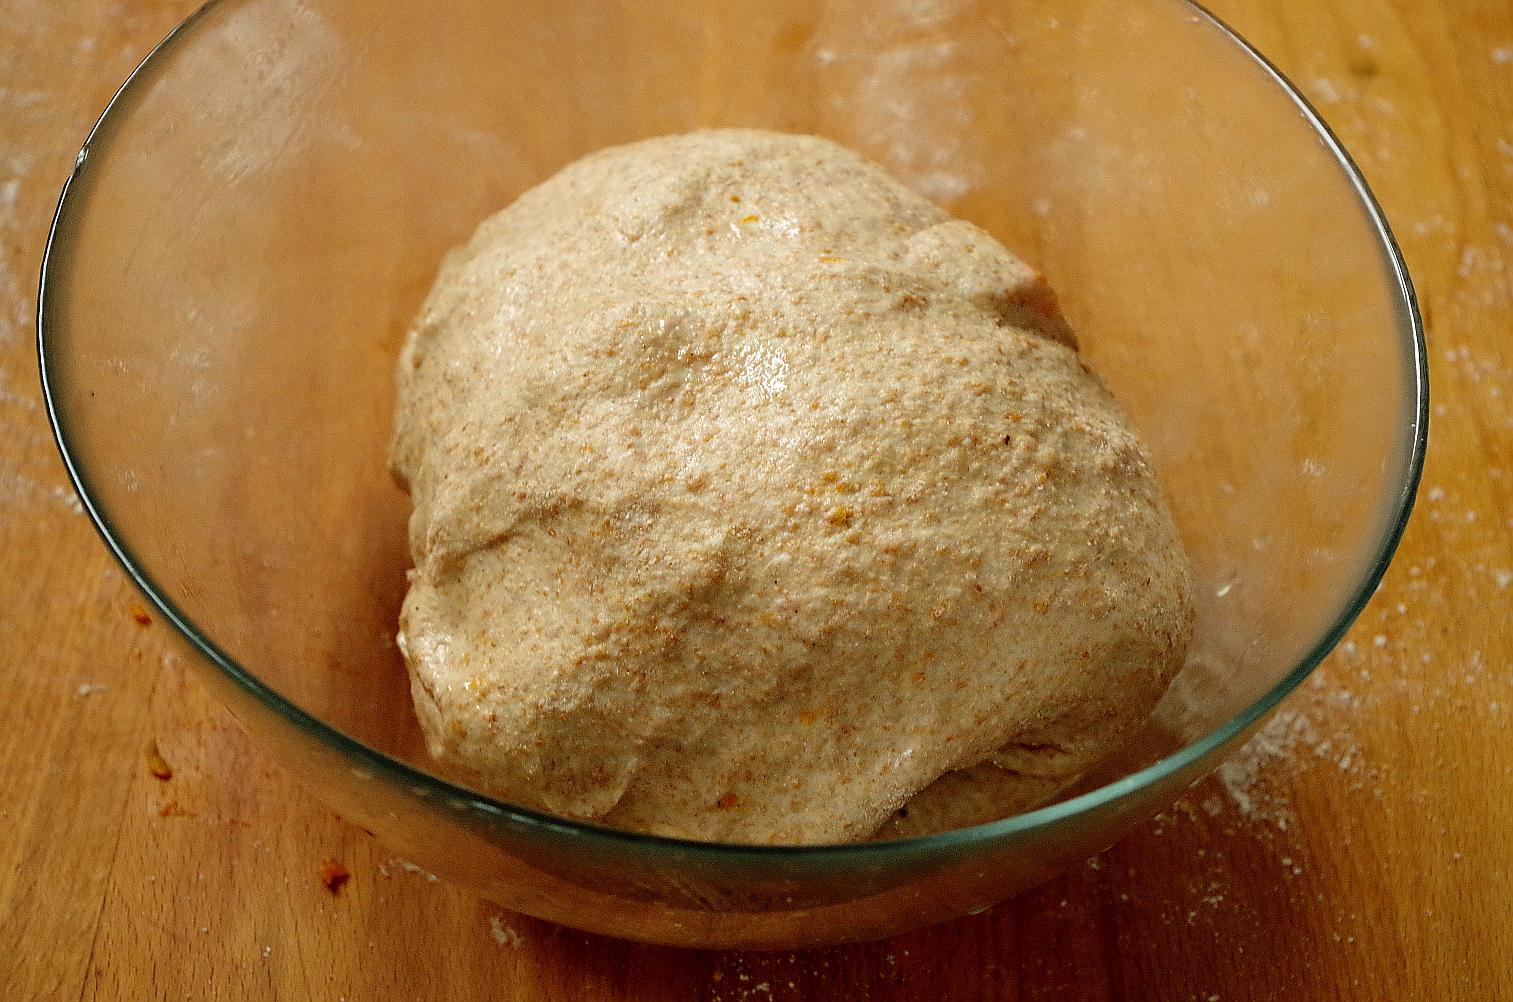 тесто в начале ферментации